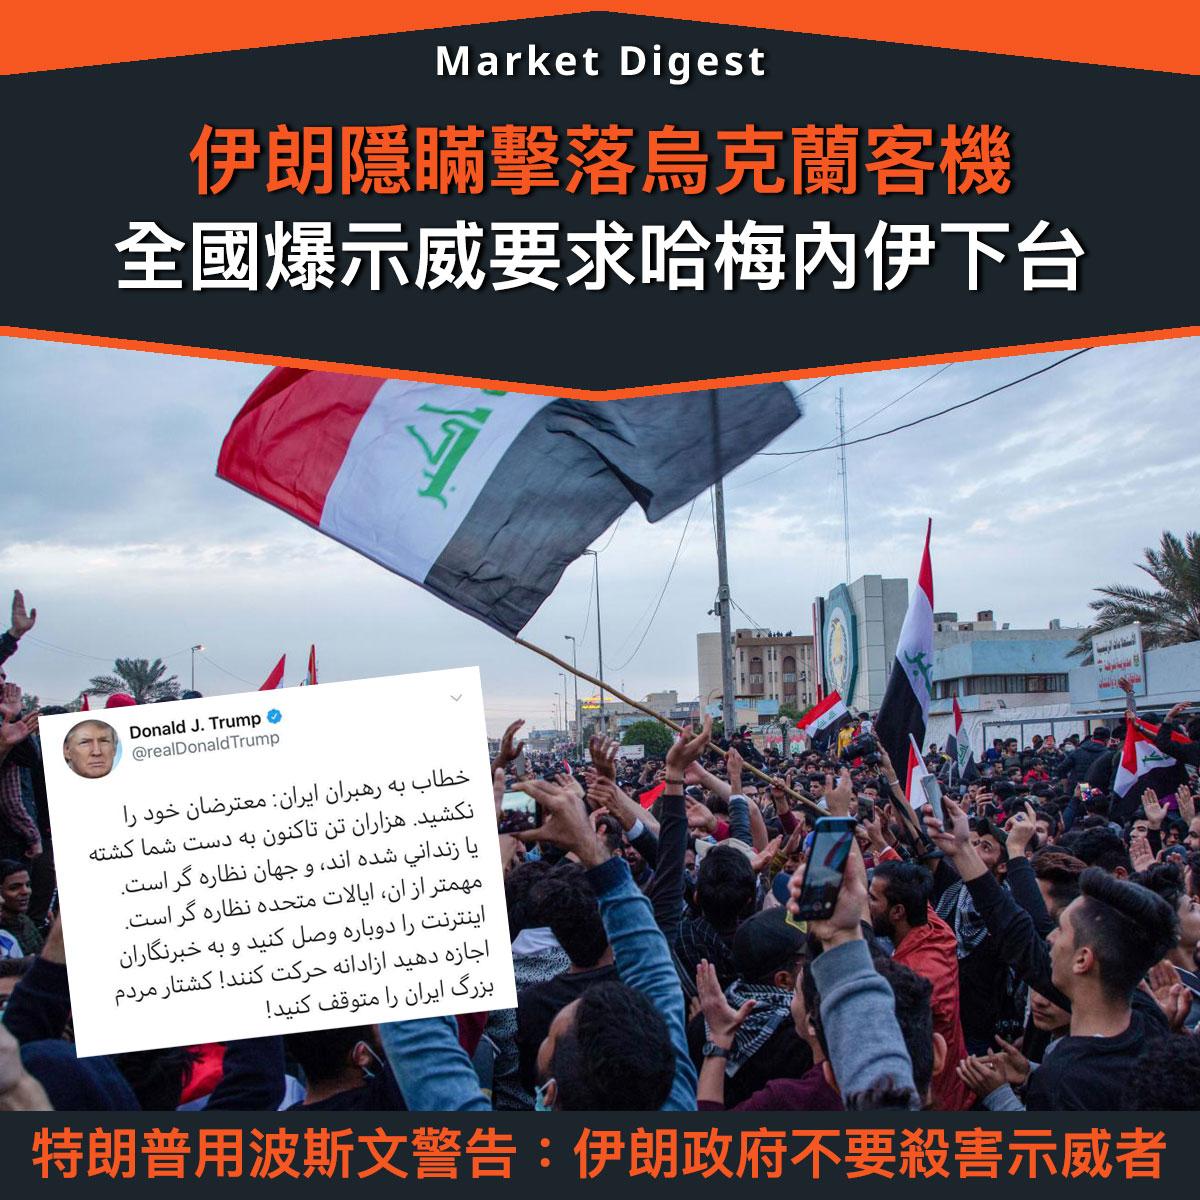 【市場熱話】伊朗隱瞞擊落烏克蘭客機,全國爆示威要求哈梅內伊下台